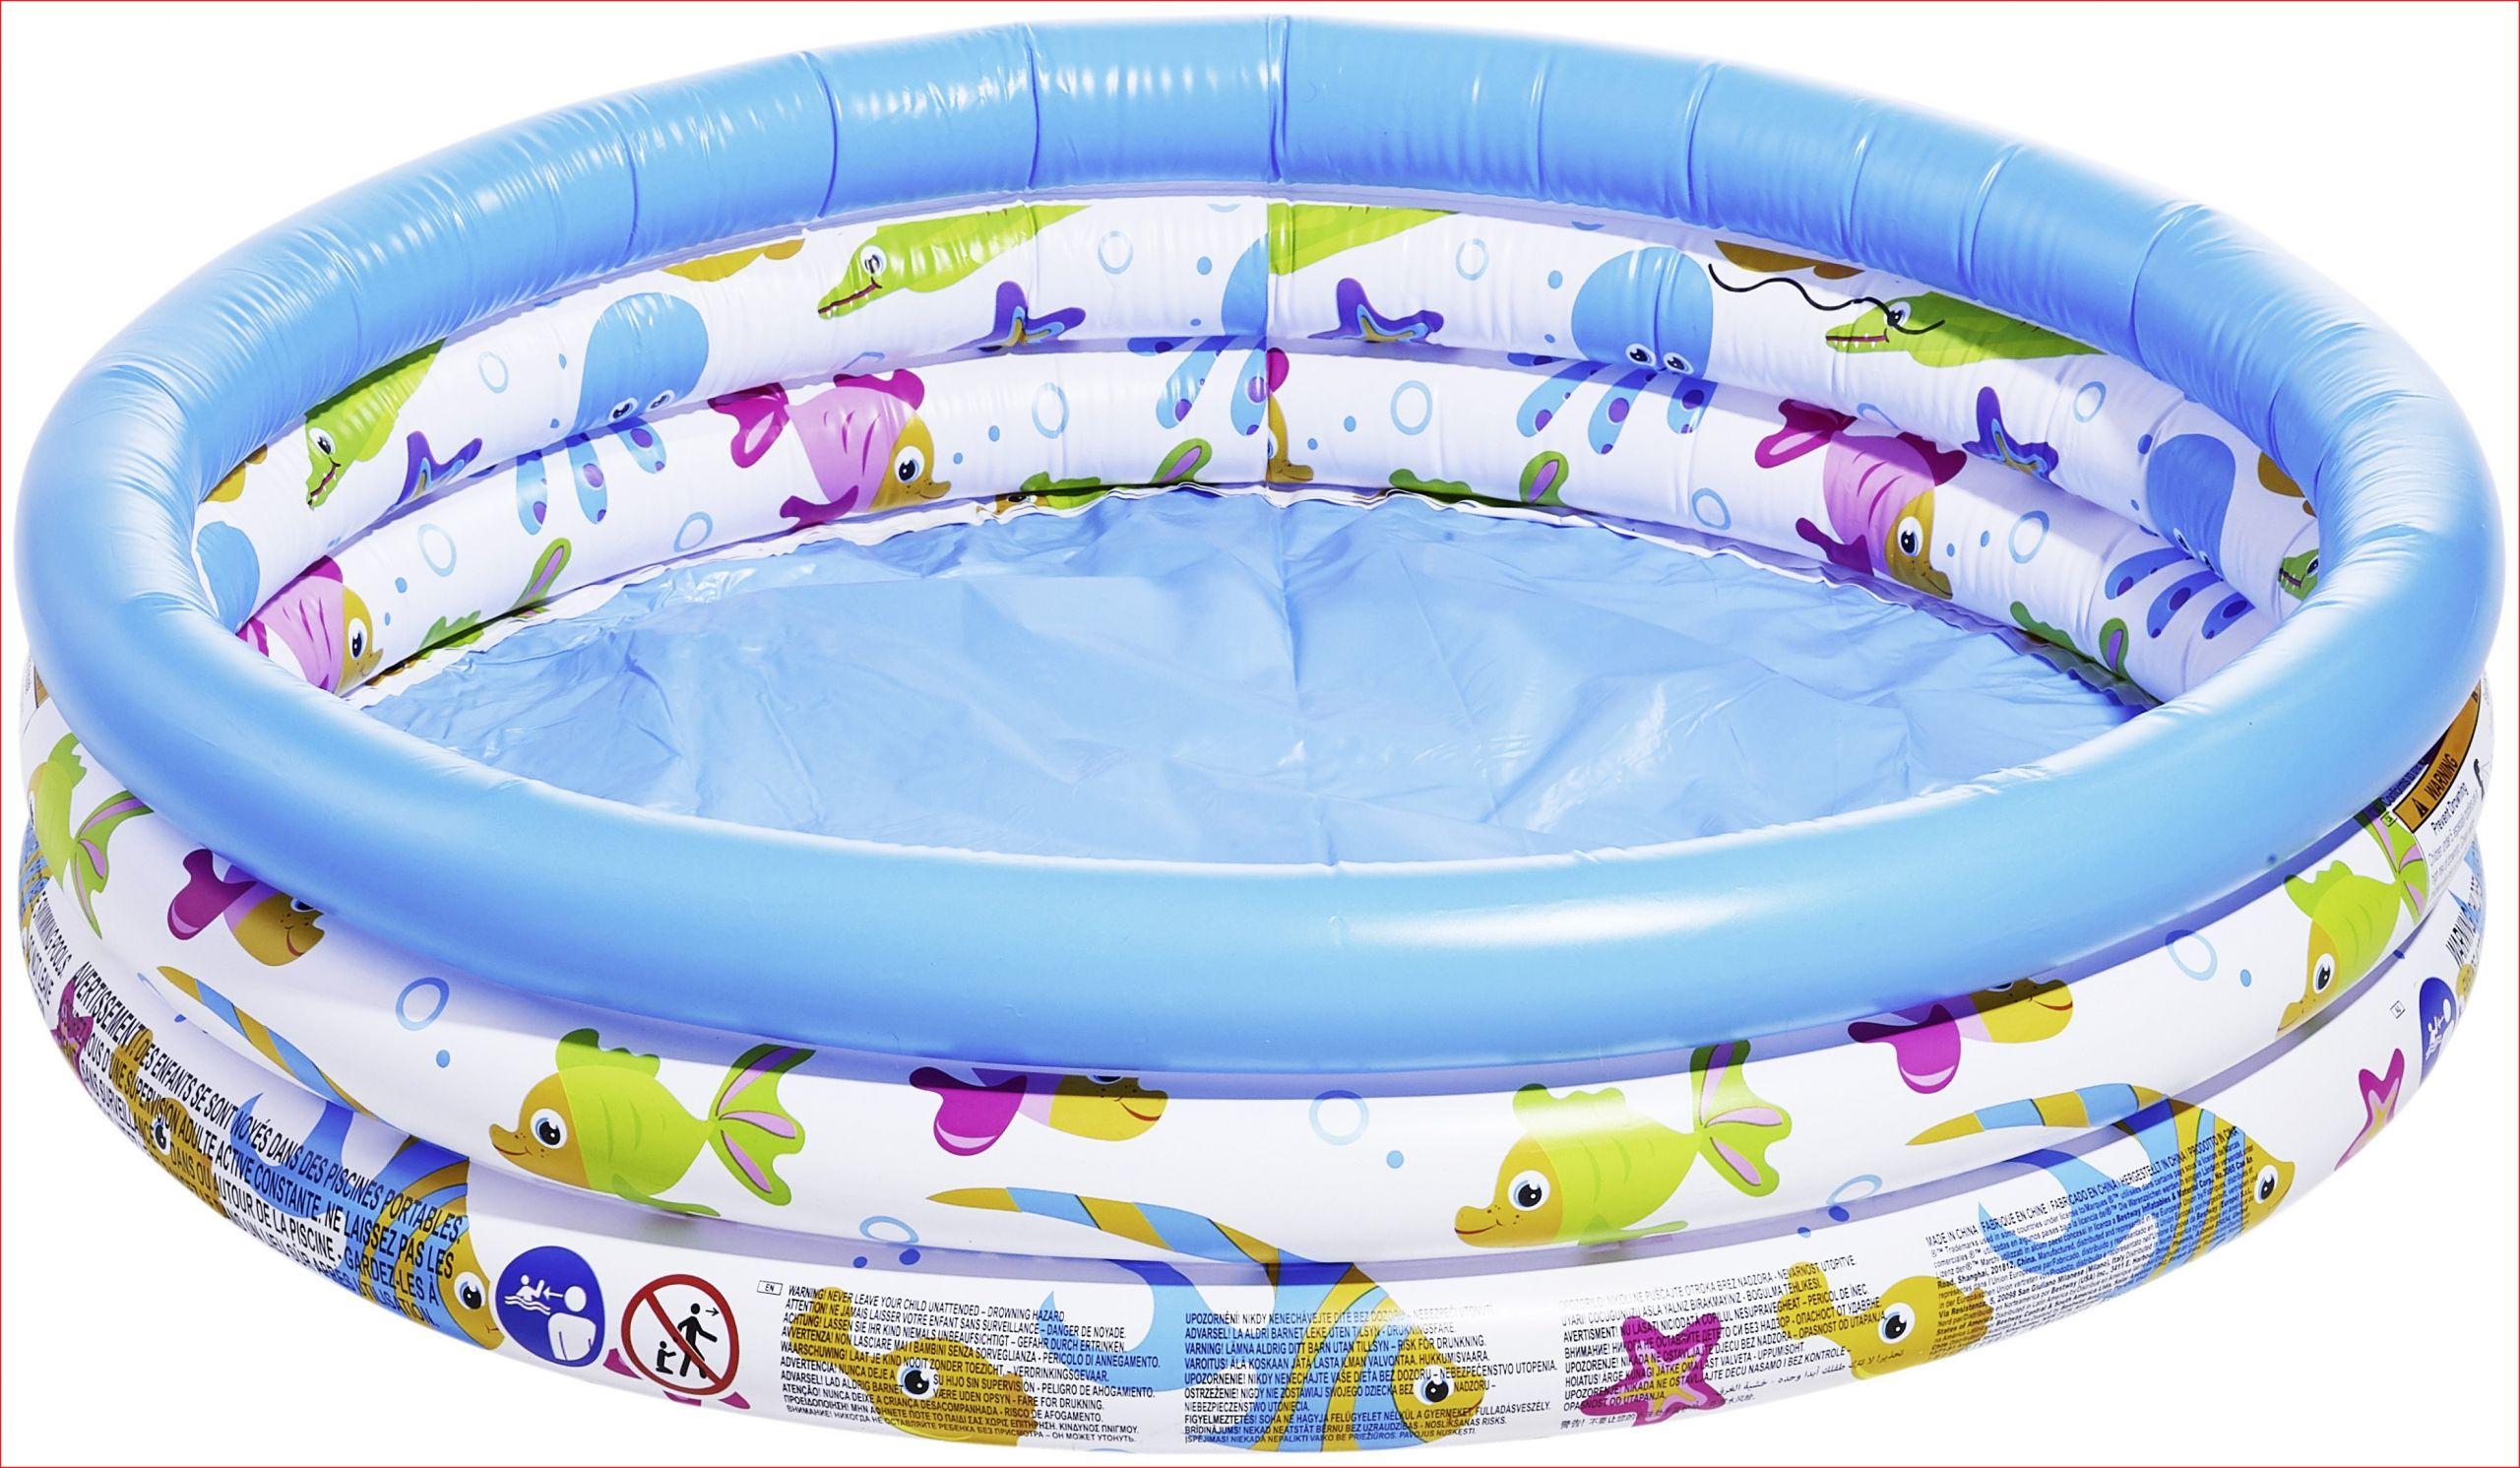 piscine le moins cher matelas mousse piscine 81 des id es matelas gonflable of piscine le moins cher